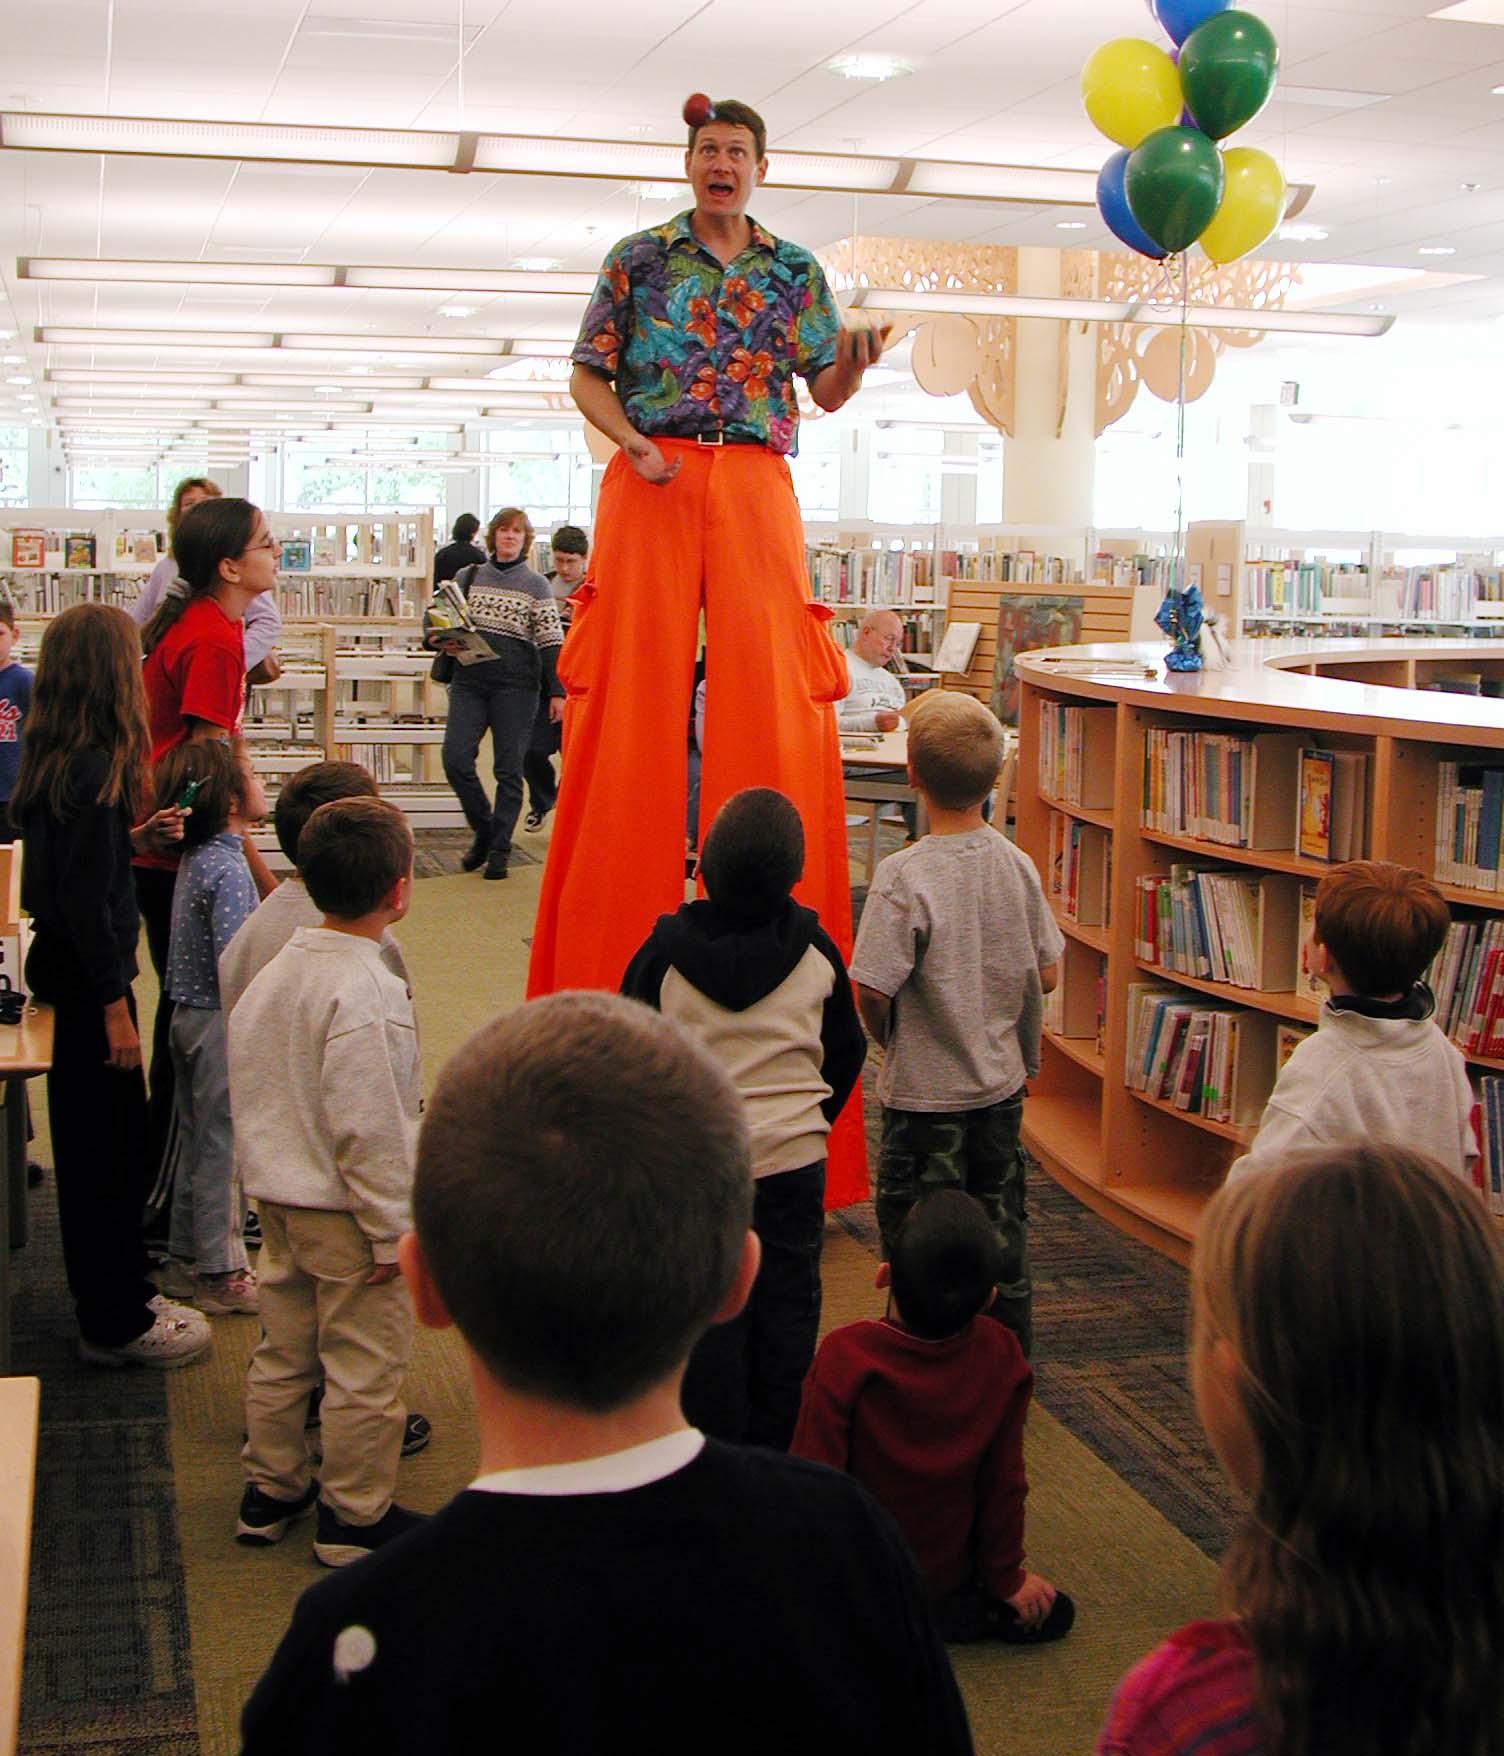 juggler in kids library